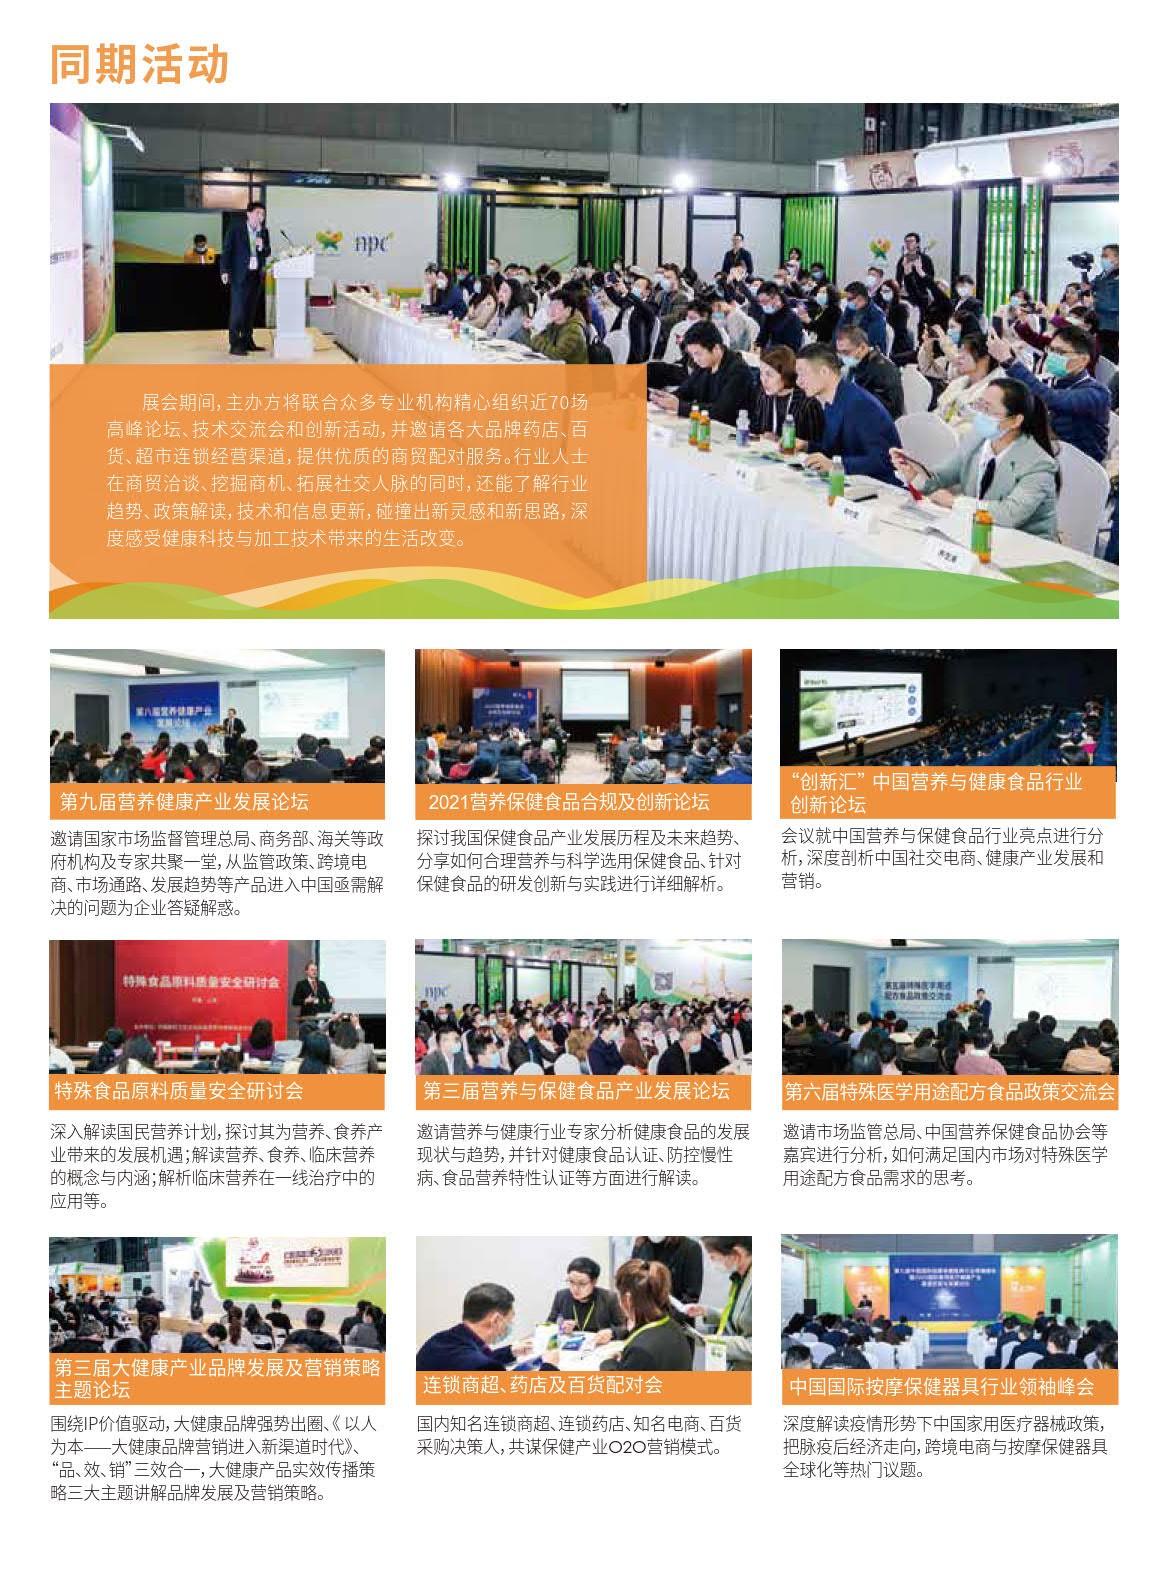 中国(上海)国际健康产品展览会HNC